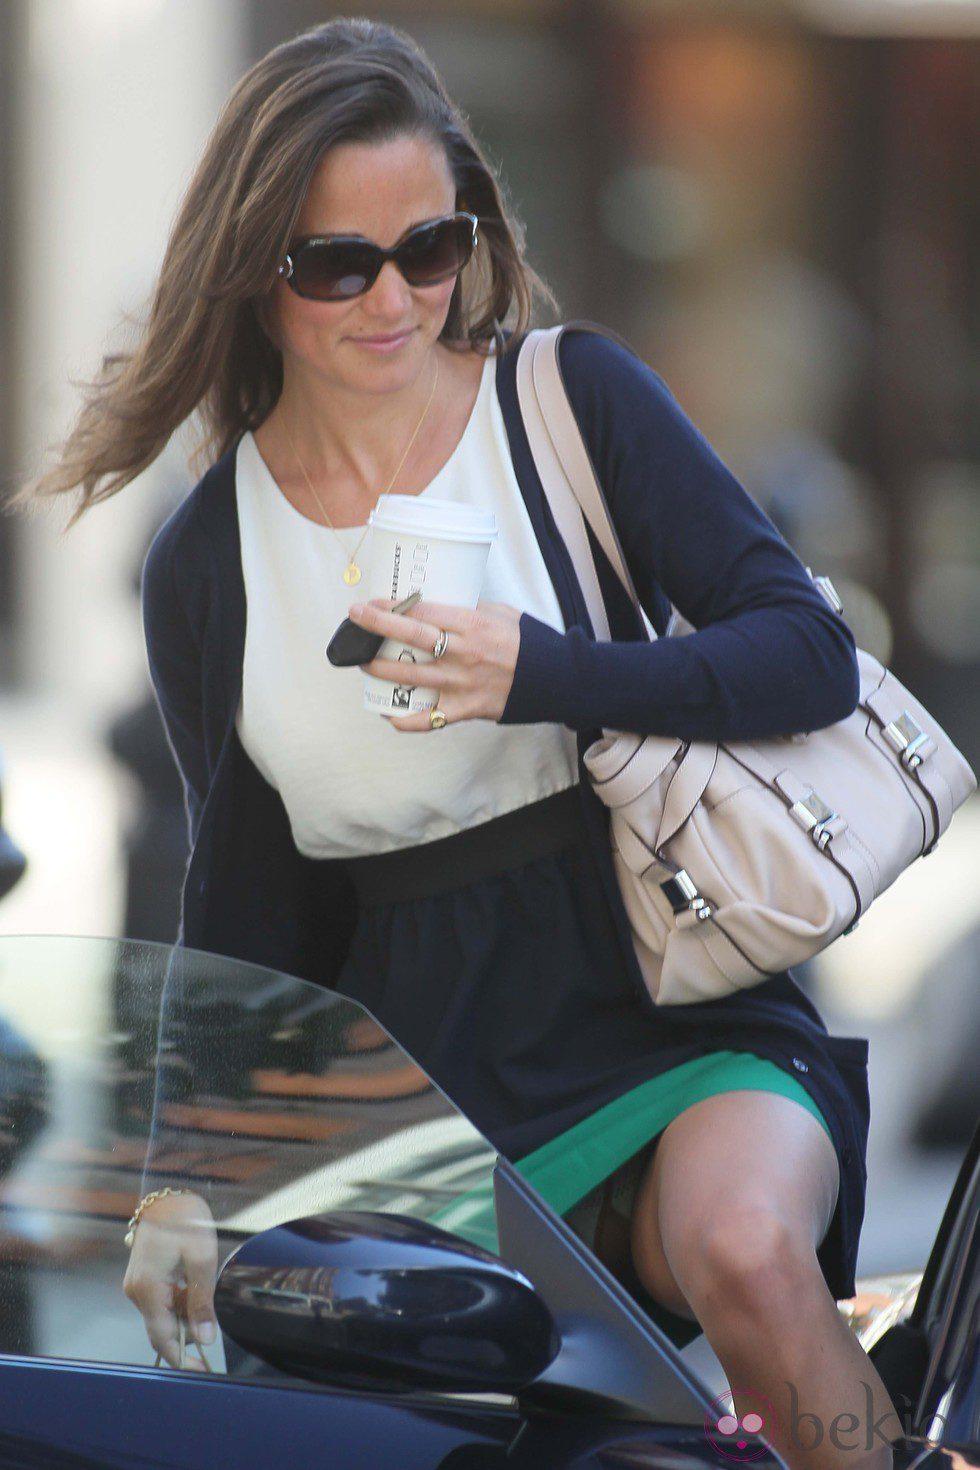 Descuidos de famosas: Pippa Middleton mostrando su ropa interior